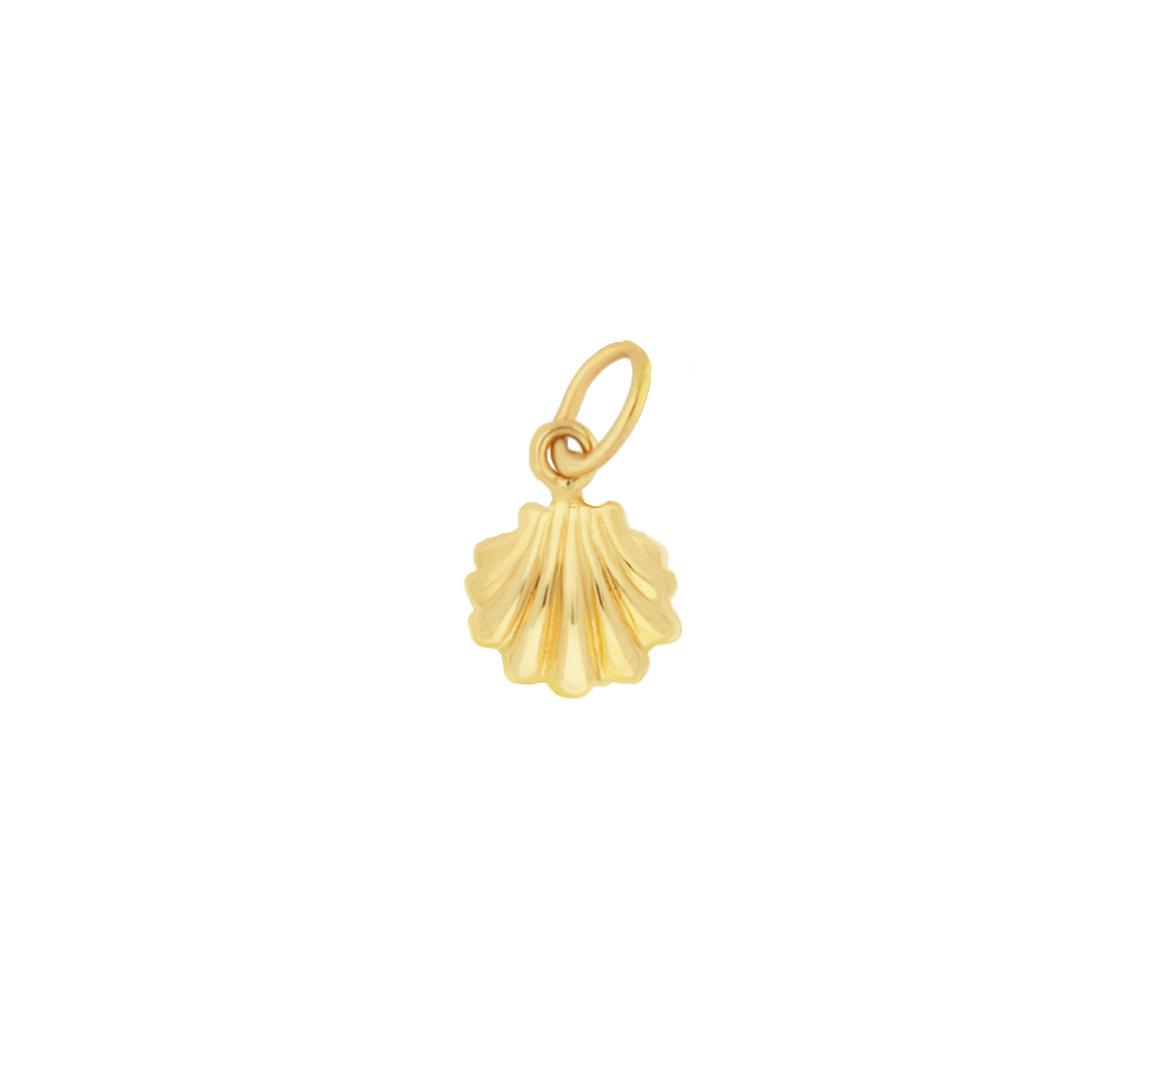 14 karaat geelgouden dames ketting met Seashell - Jackie-4